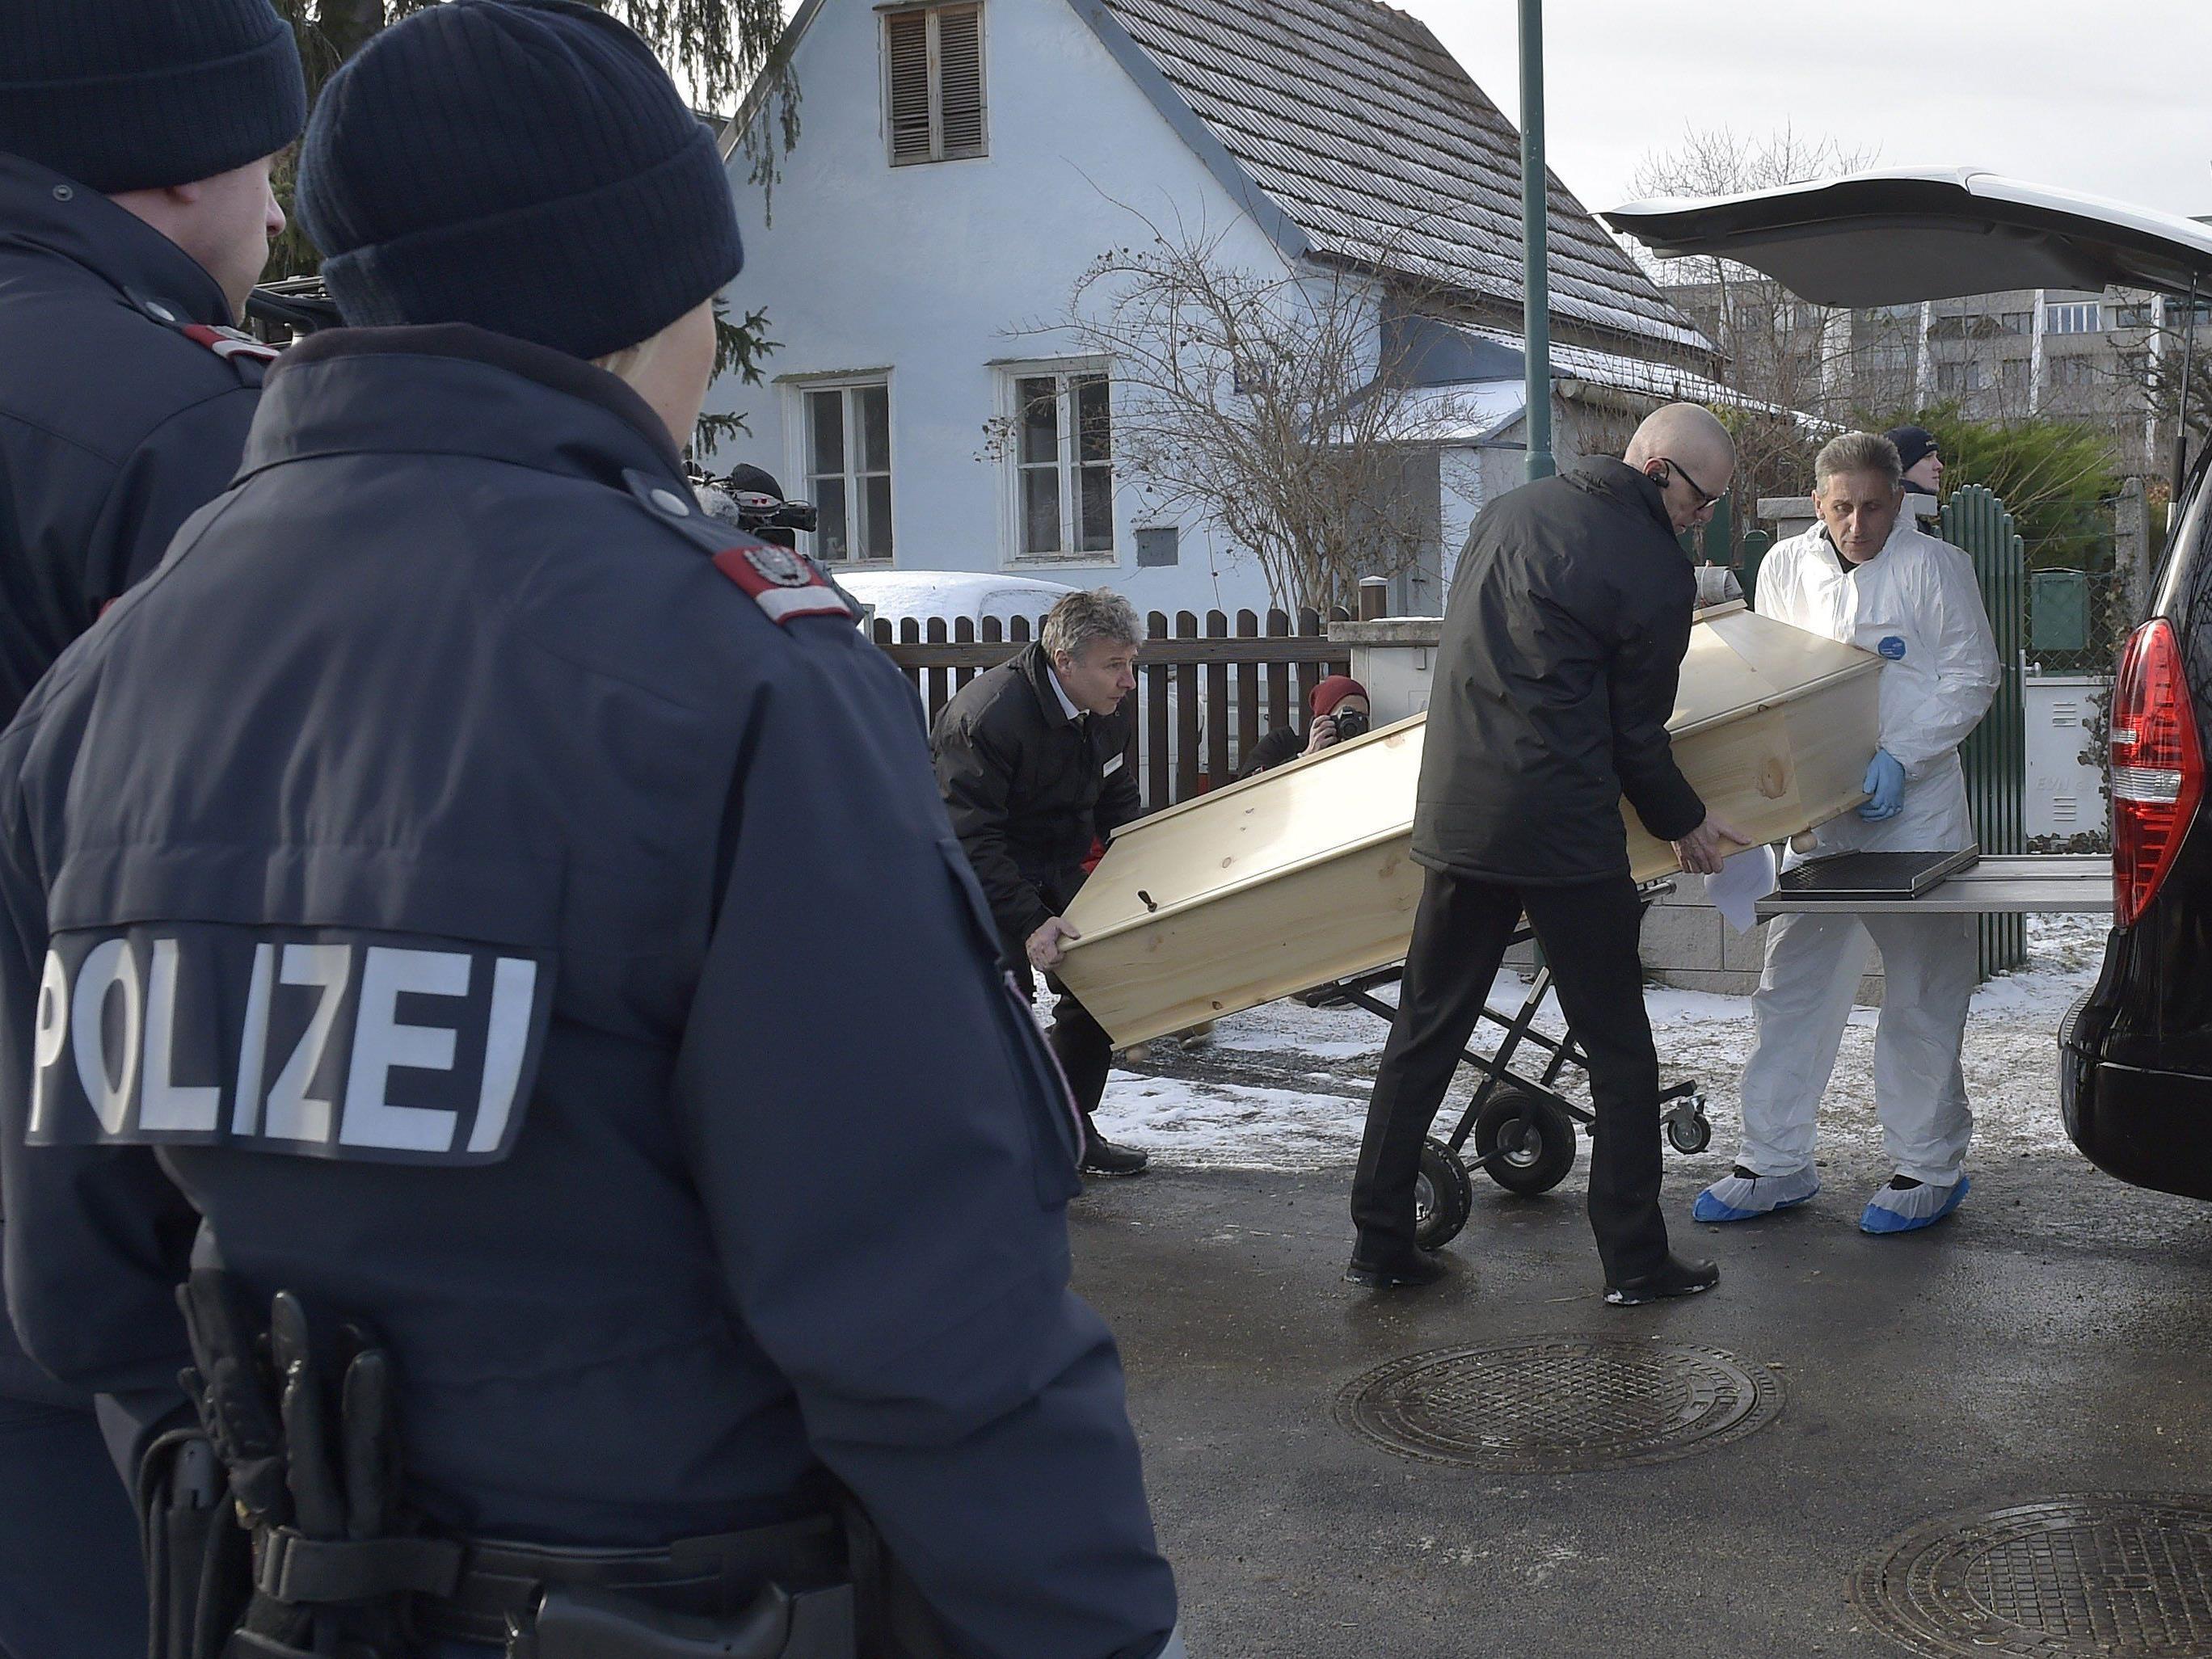 Abtransport der Opfer nach der Bluttat in Perchtoldsdorf